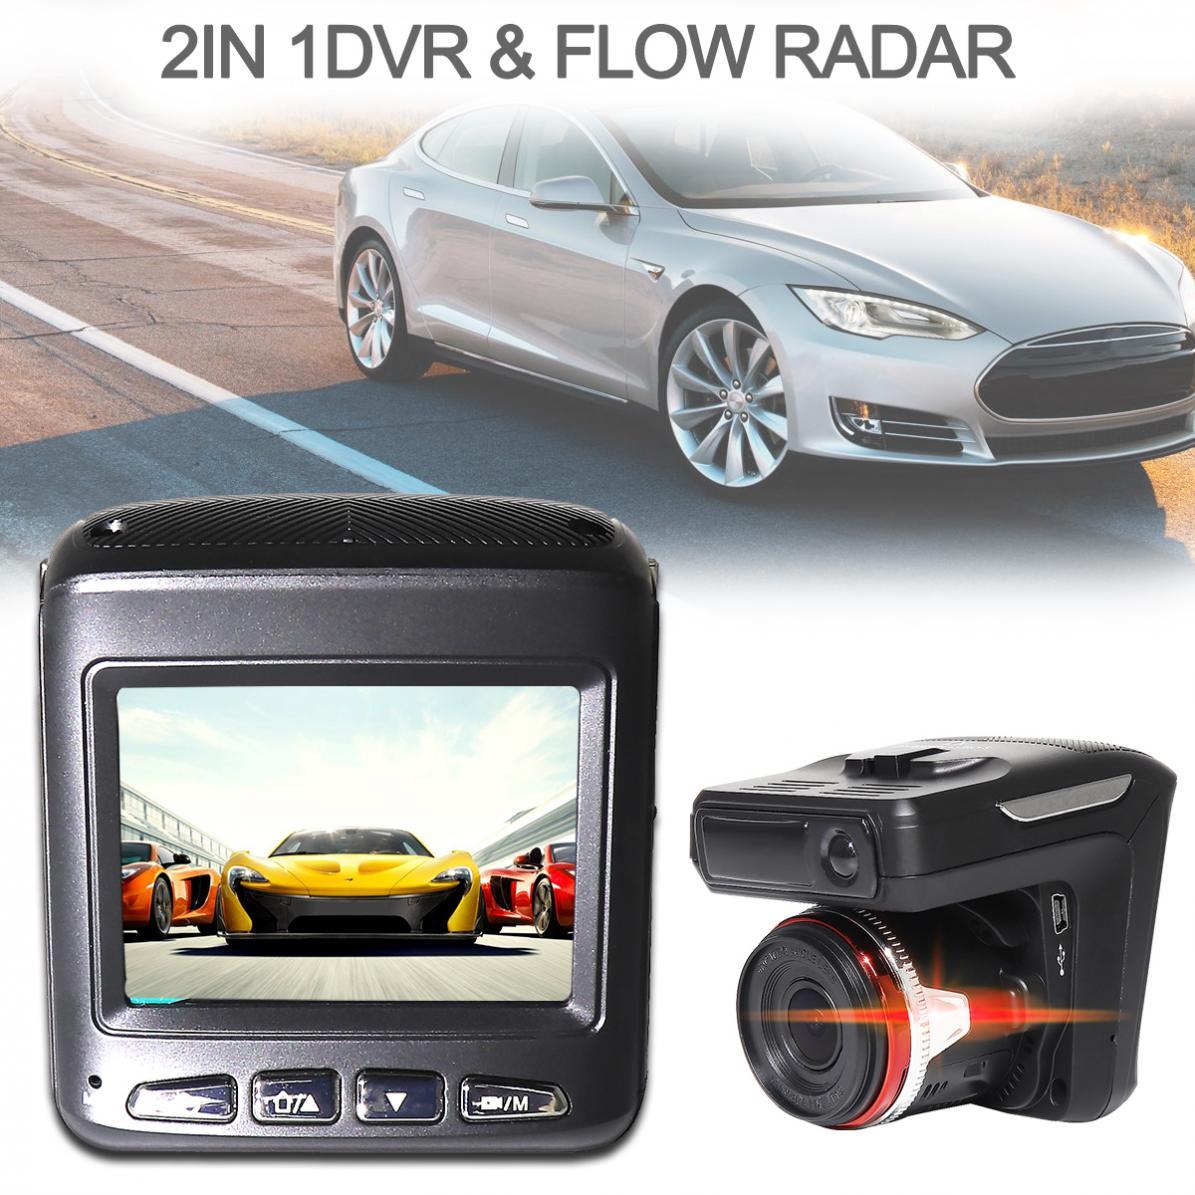 2 в 1 Автомобильный видеорегистратор, радар-детектор g-senor автомобильный детектор камера HD 1280P скоростная камера детектор антирадар русский/а...